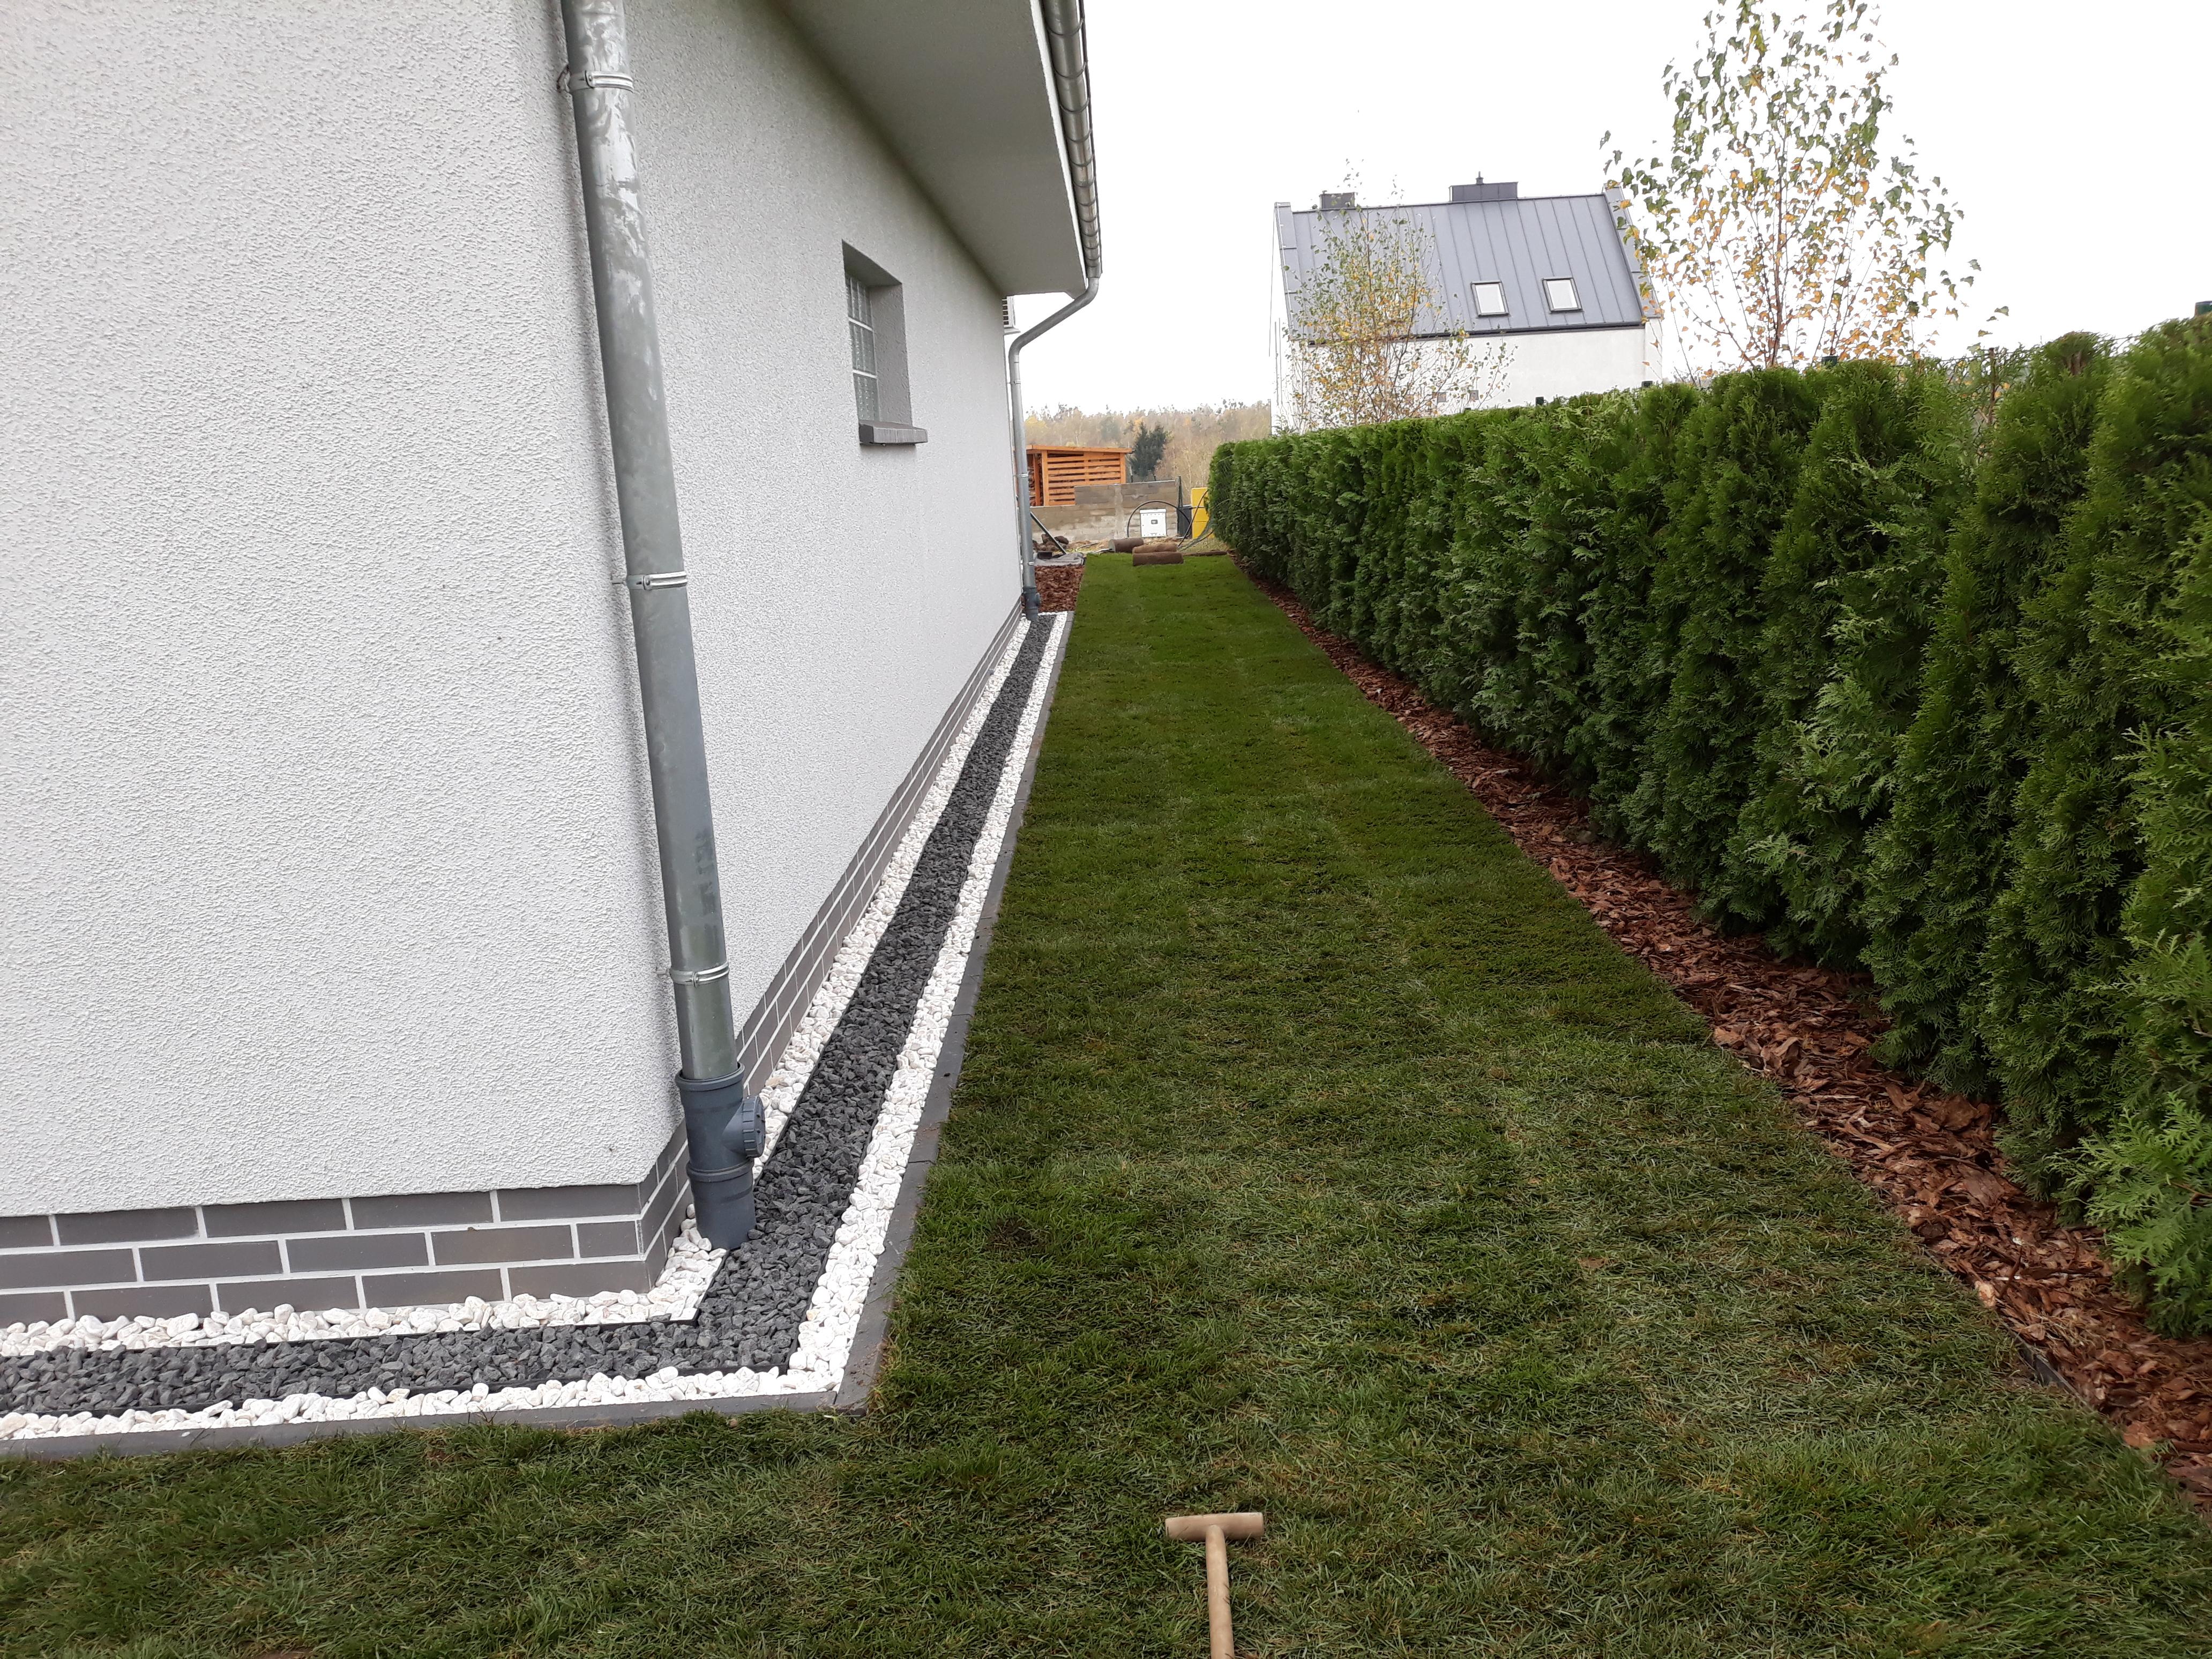 FlexiBorder for Grass /& Path 4.5cm High Lawn Edging Flexible Garden Border